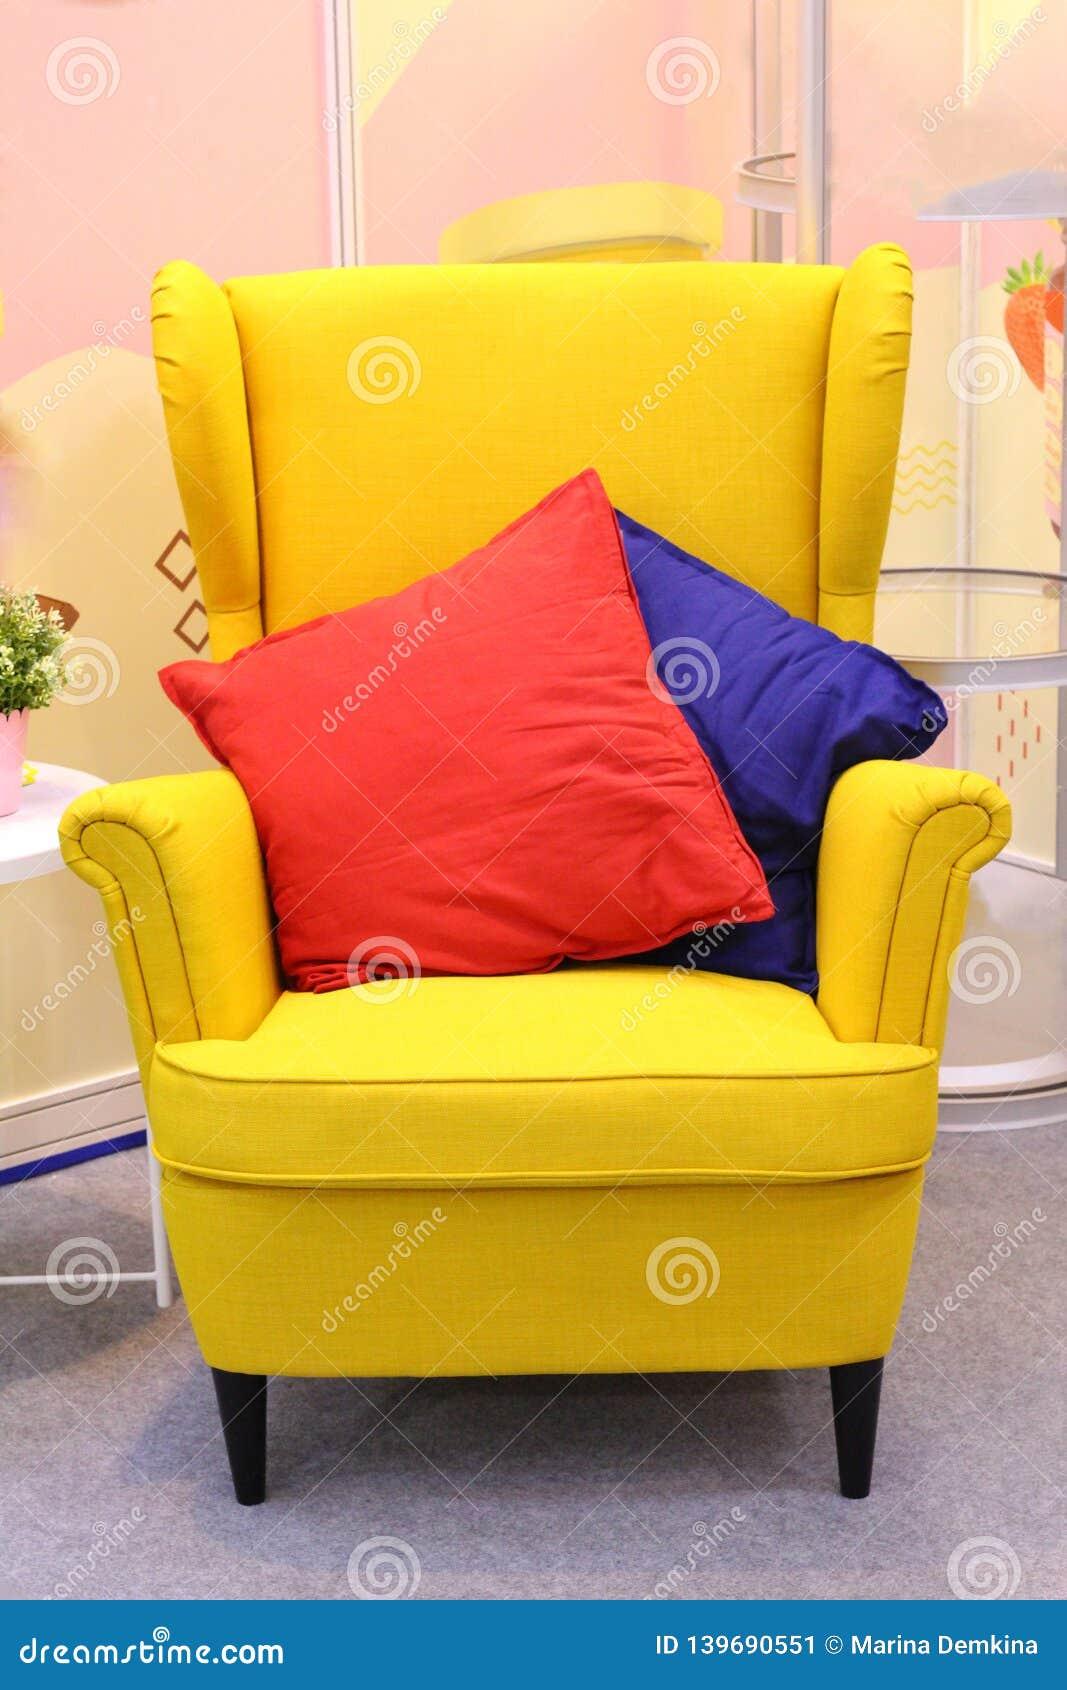 In der Mitte ist ein heller gelber Lehnsessel, mit zwei Kissen auf ihm - rot und blau